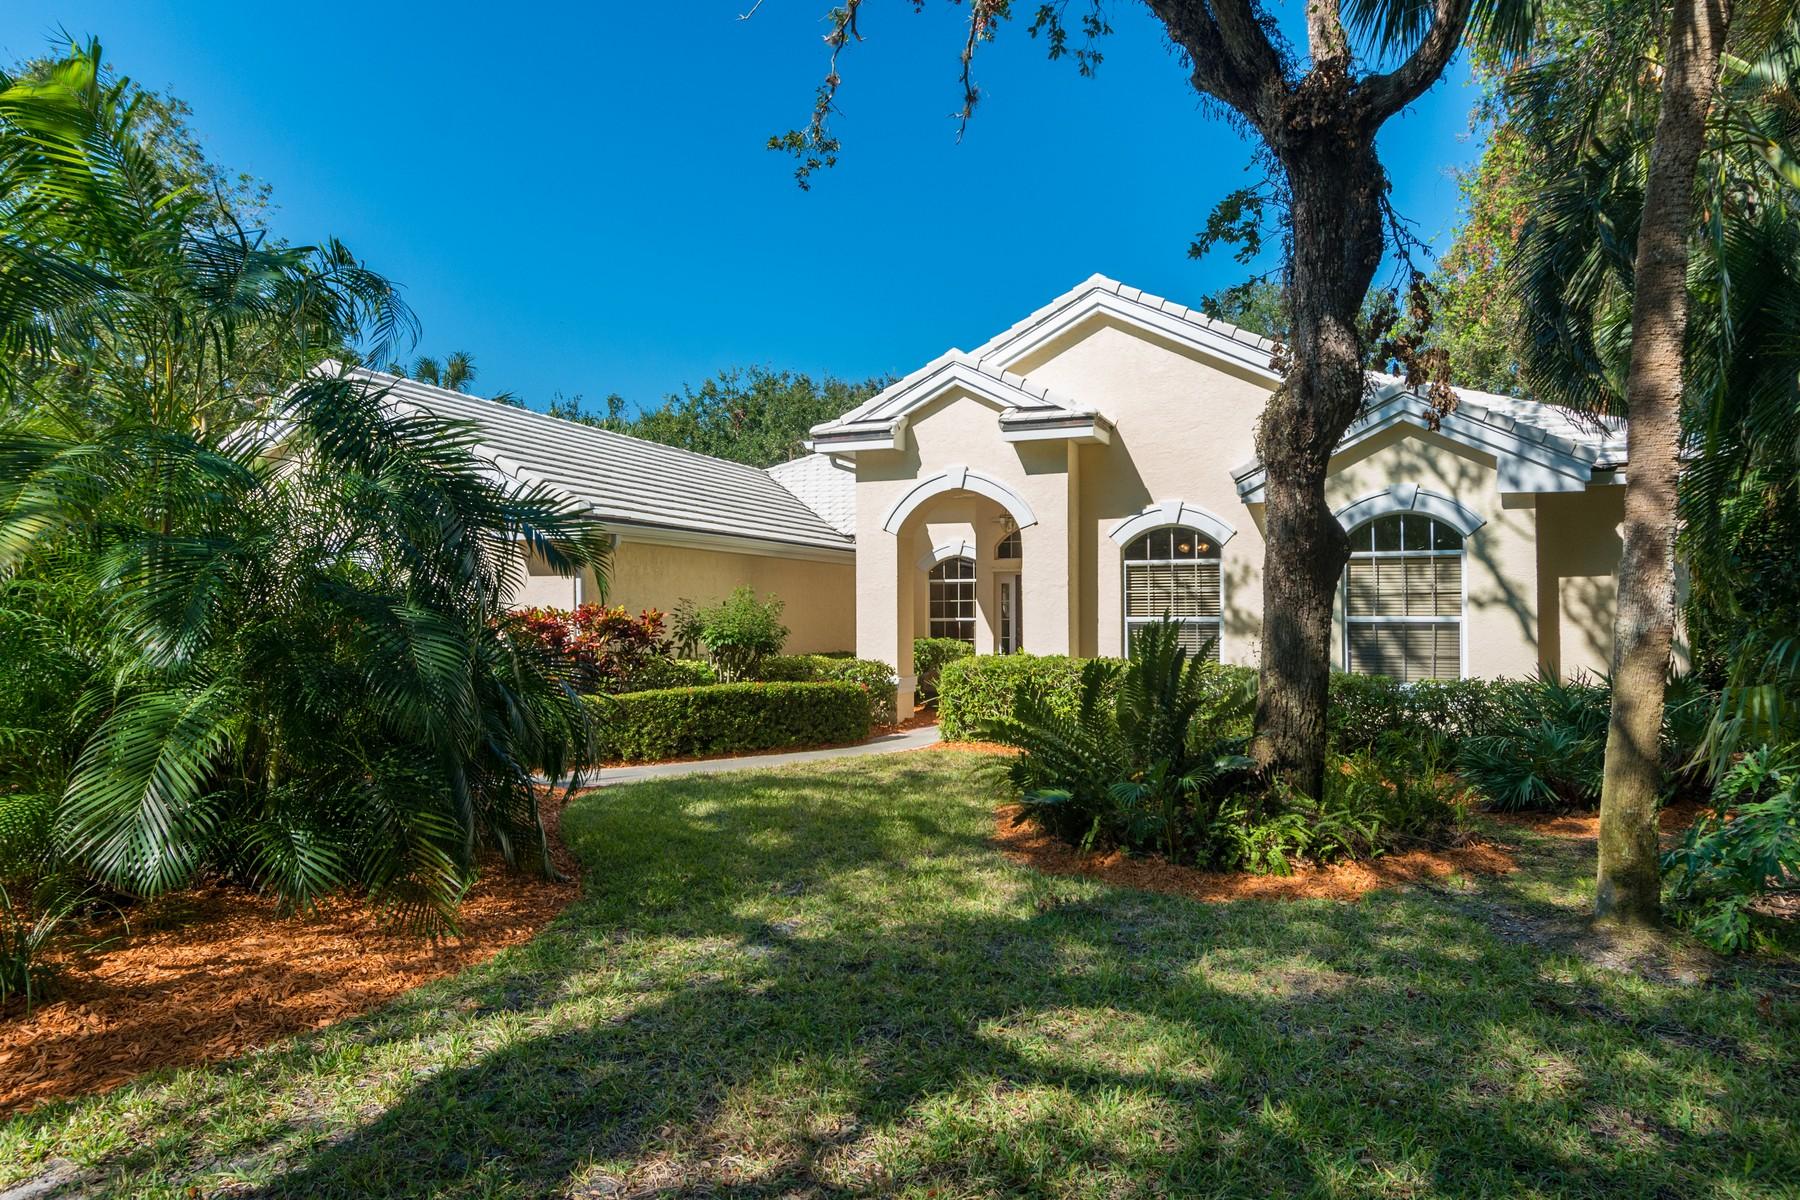 Casa para uma família para Venda às Pristine Home in Marbrisa 340 Marbrisa Drive Vero Beach, Florida, 32963 Estados Unidos